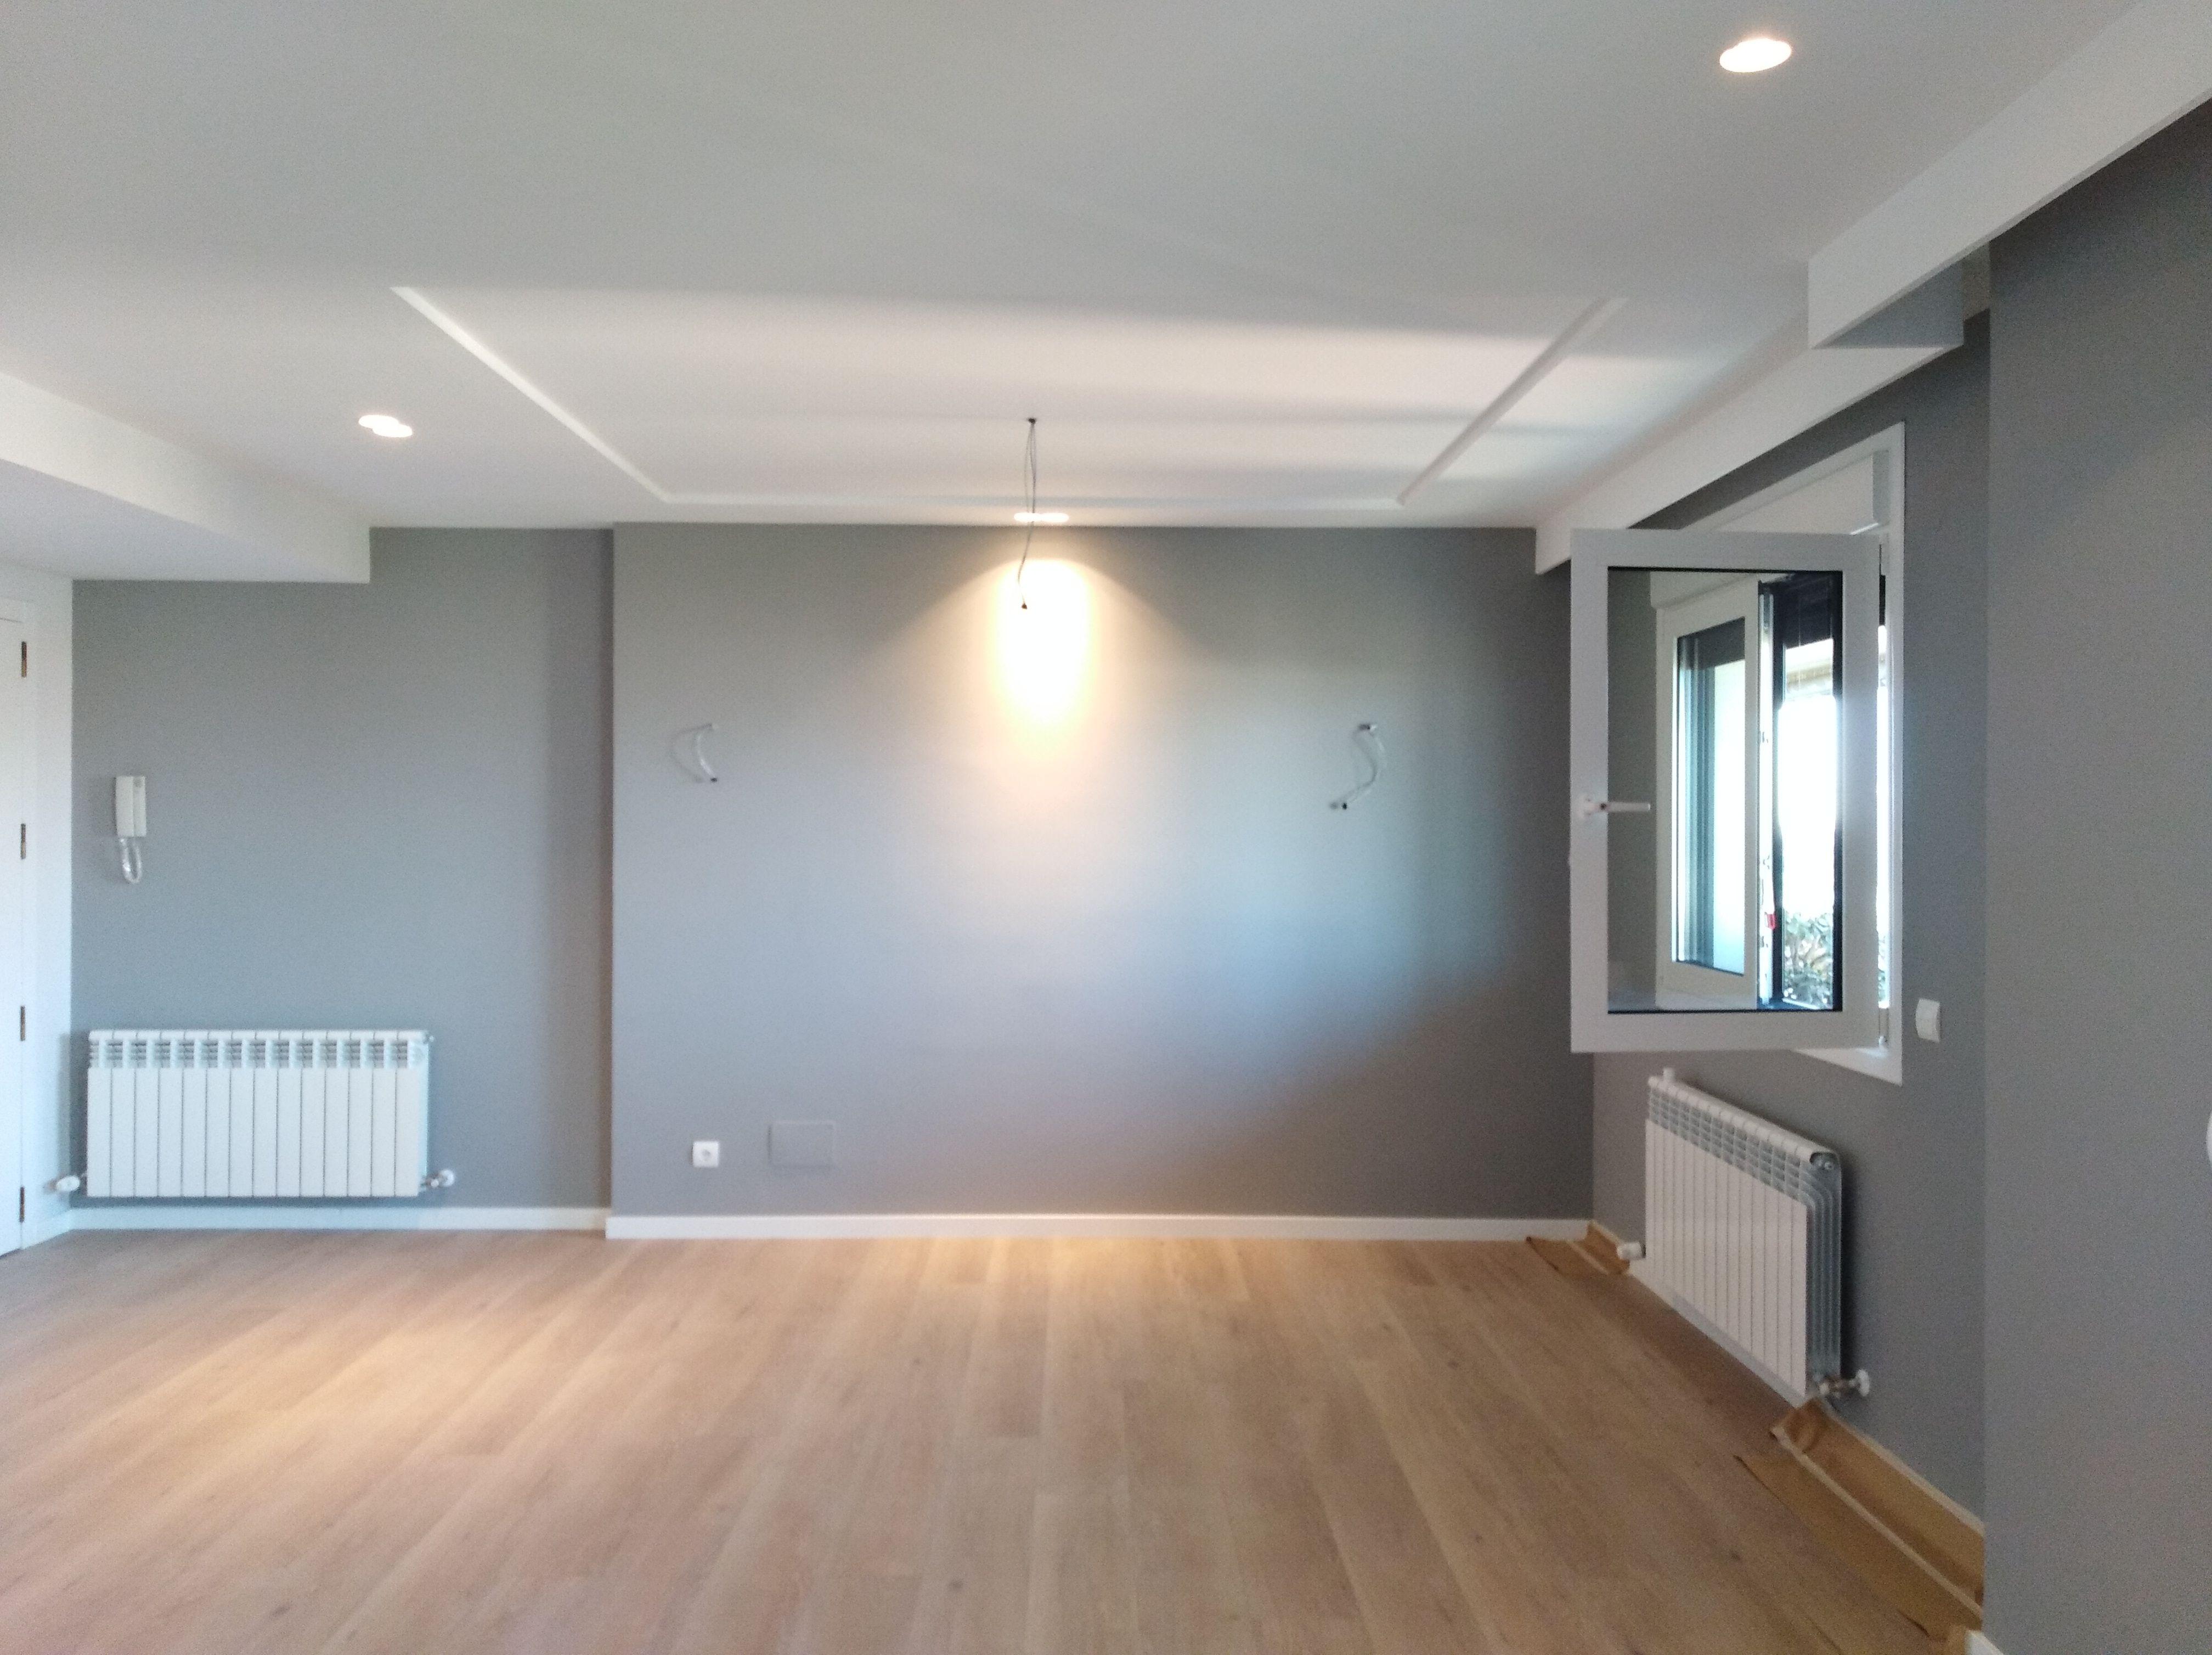 reforma y diseño de interiores madrid